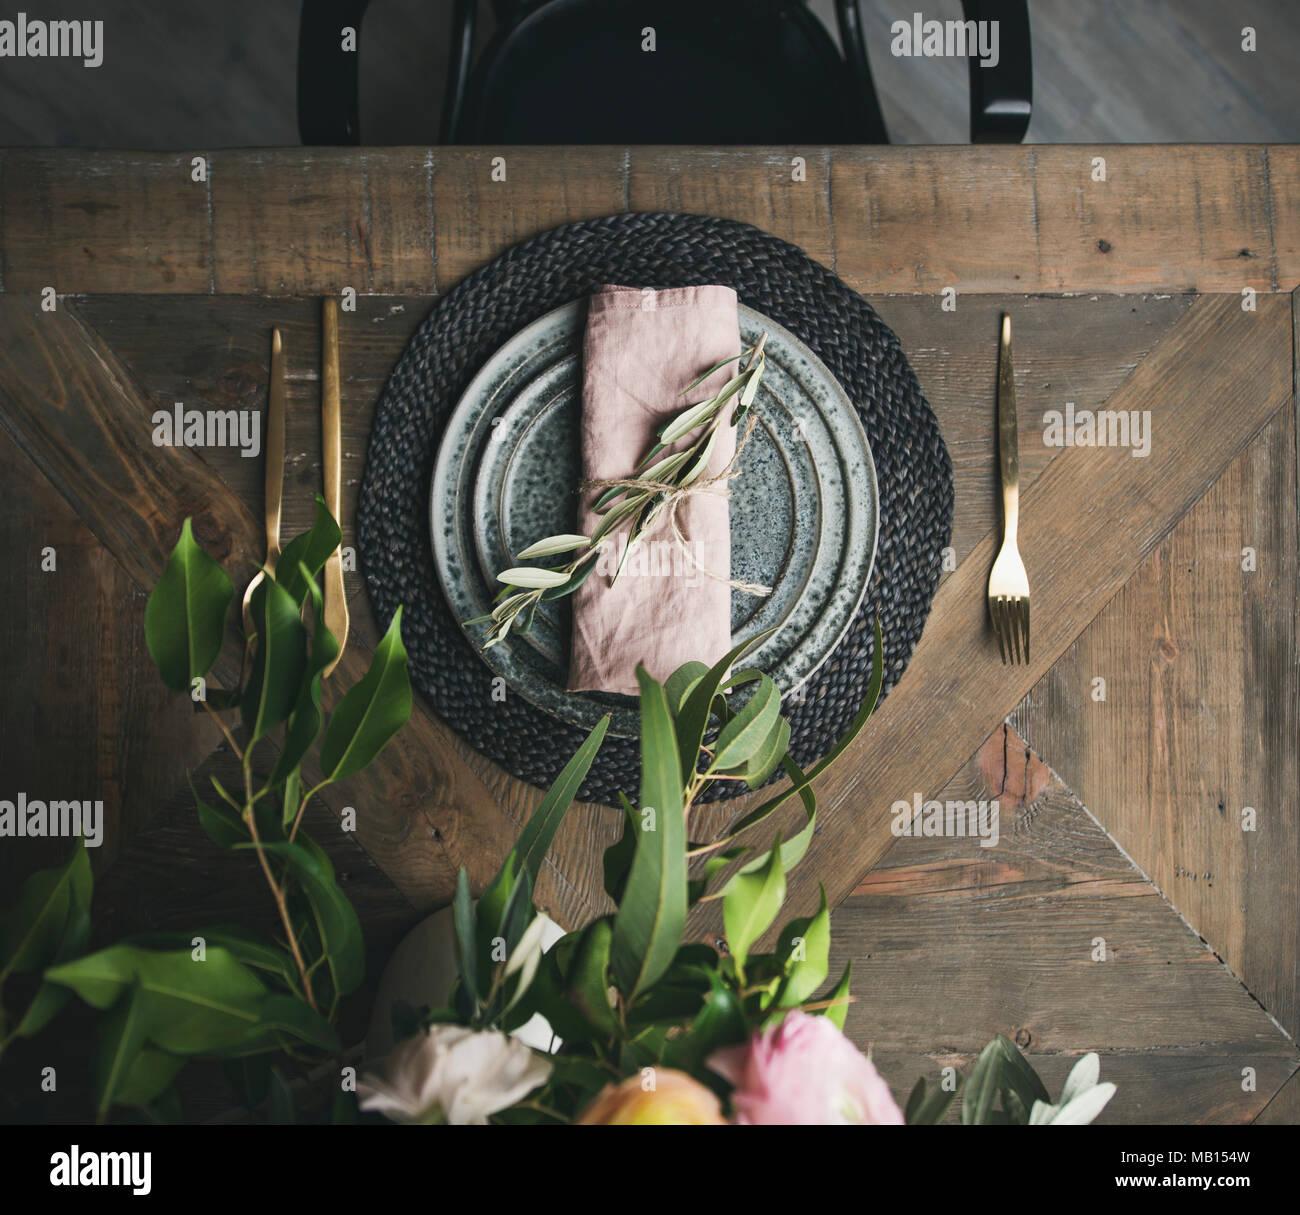 Télévision à jeter de printemps vacances de Pâques Table. Fleurs fleurs tendres, des assiettes et des couverts sur une table en bois vintage, vue du dessus Photo Stock